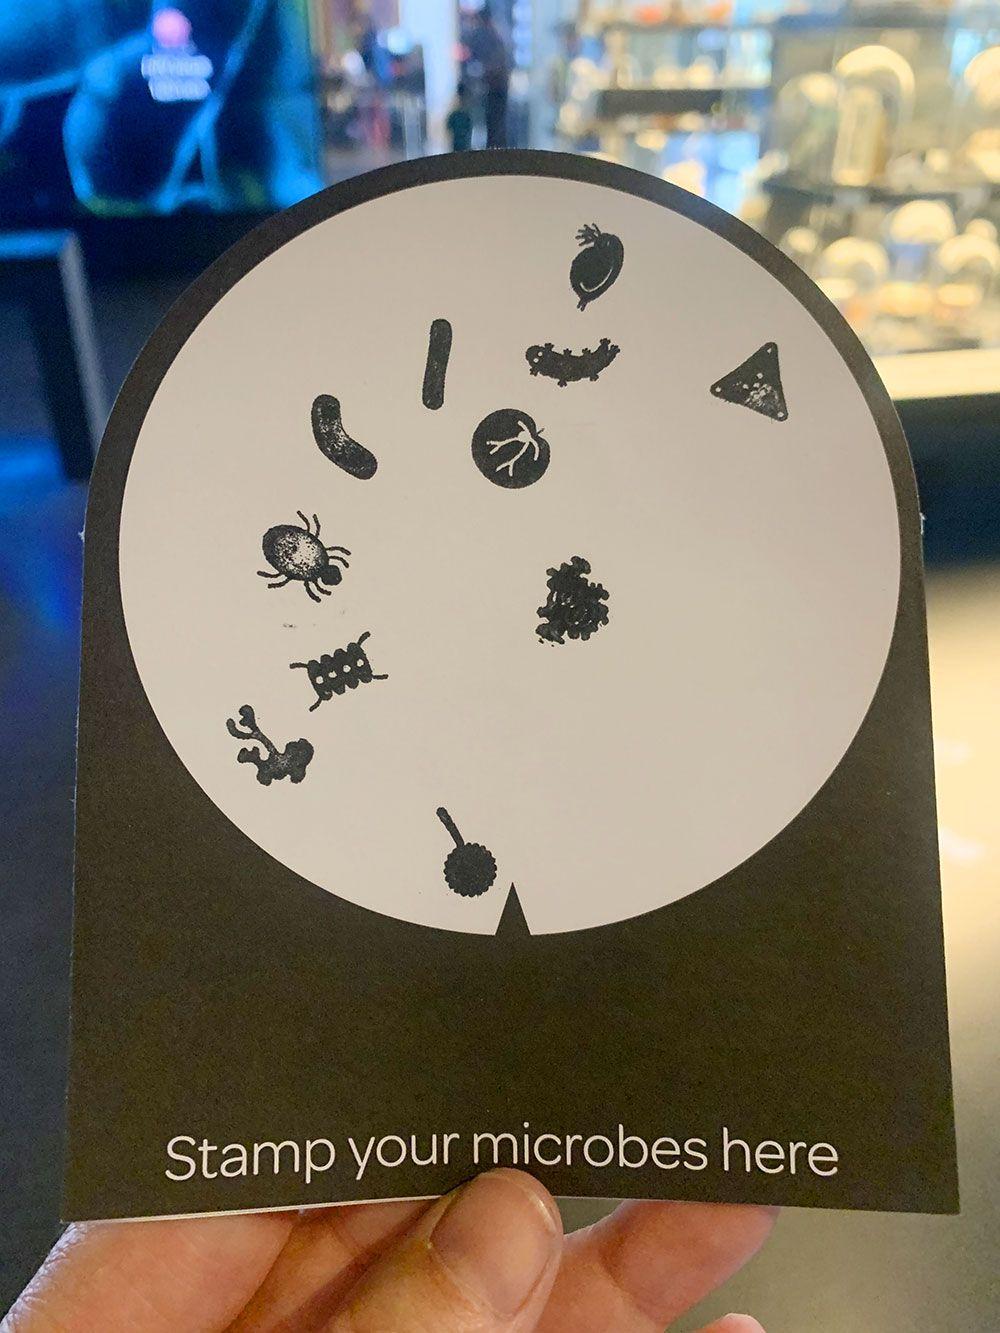 Rincones secretos de Amsterdam - Colección de microorganismos del Micropia